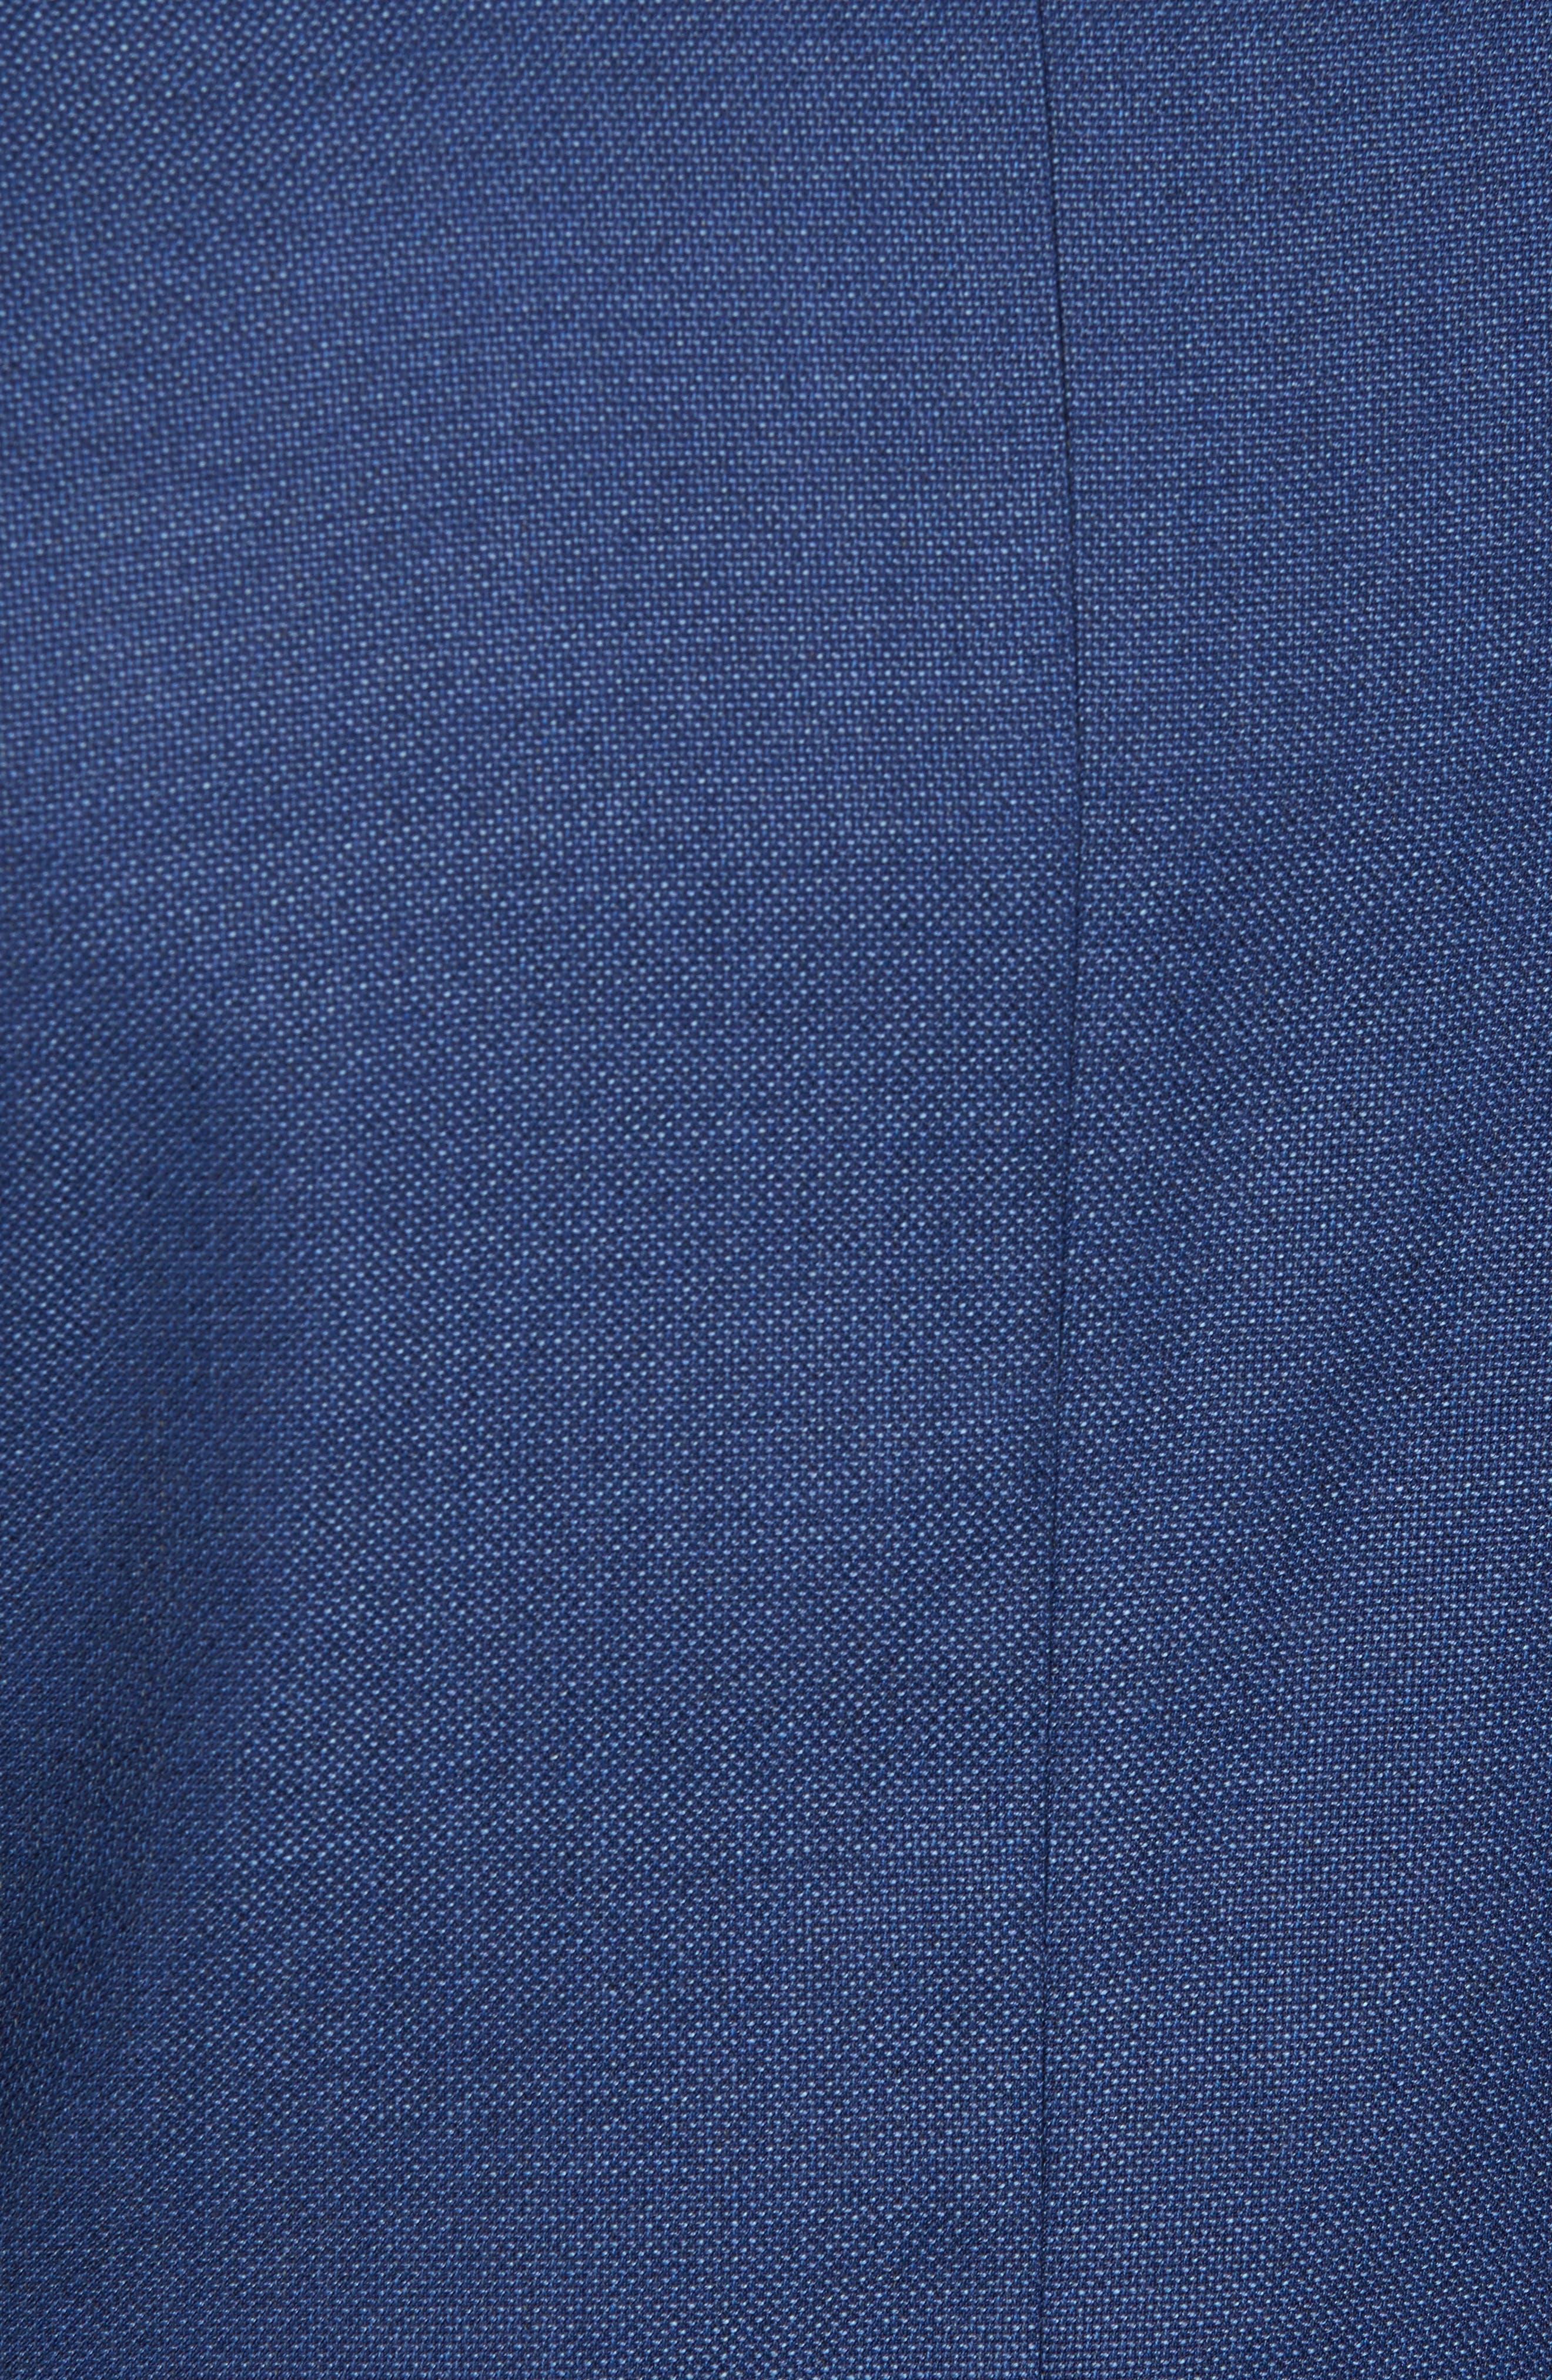 Kyle Trim Fit Wool Blazer,                             Alternate thumbnail 6, color,                             400